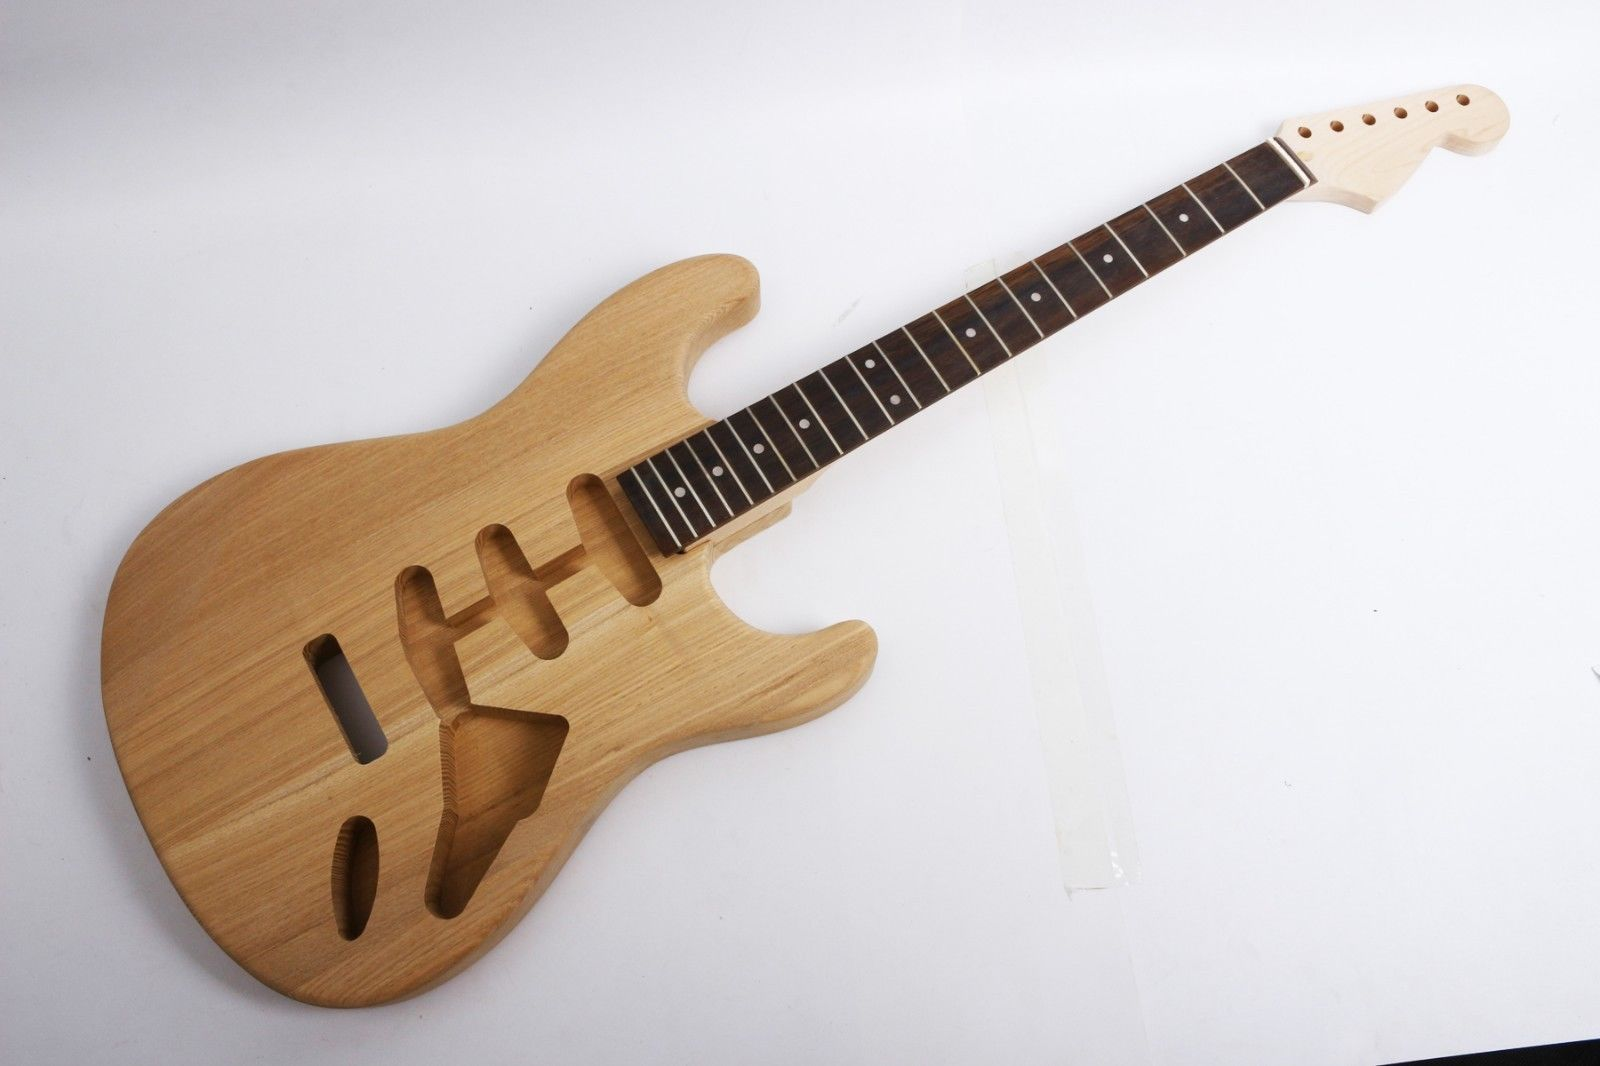 buy one set electric guitar kit unfinished ash maple guitar neck body. Black Bedroom Furniture Sets. Home Design Ideas